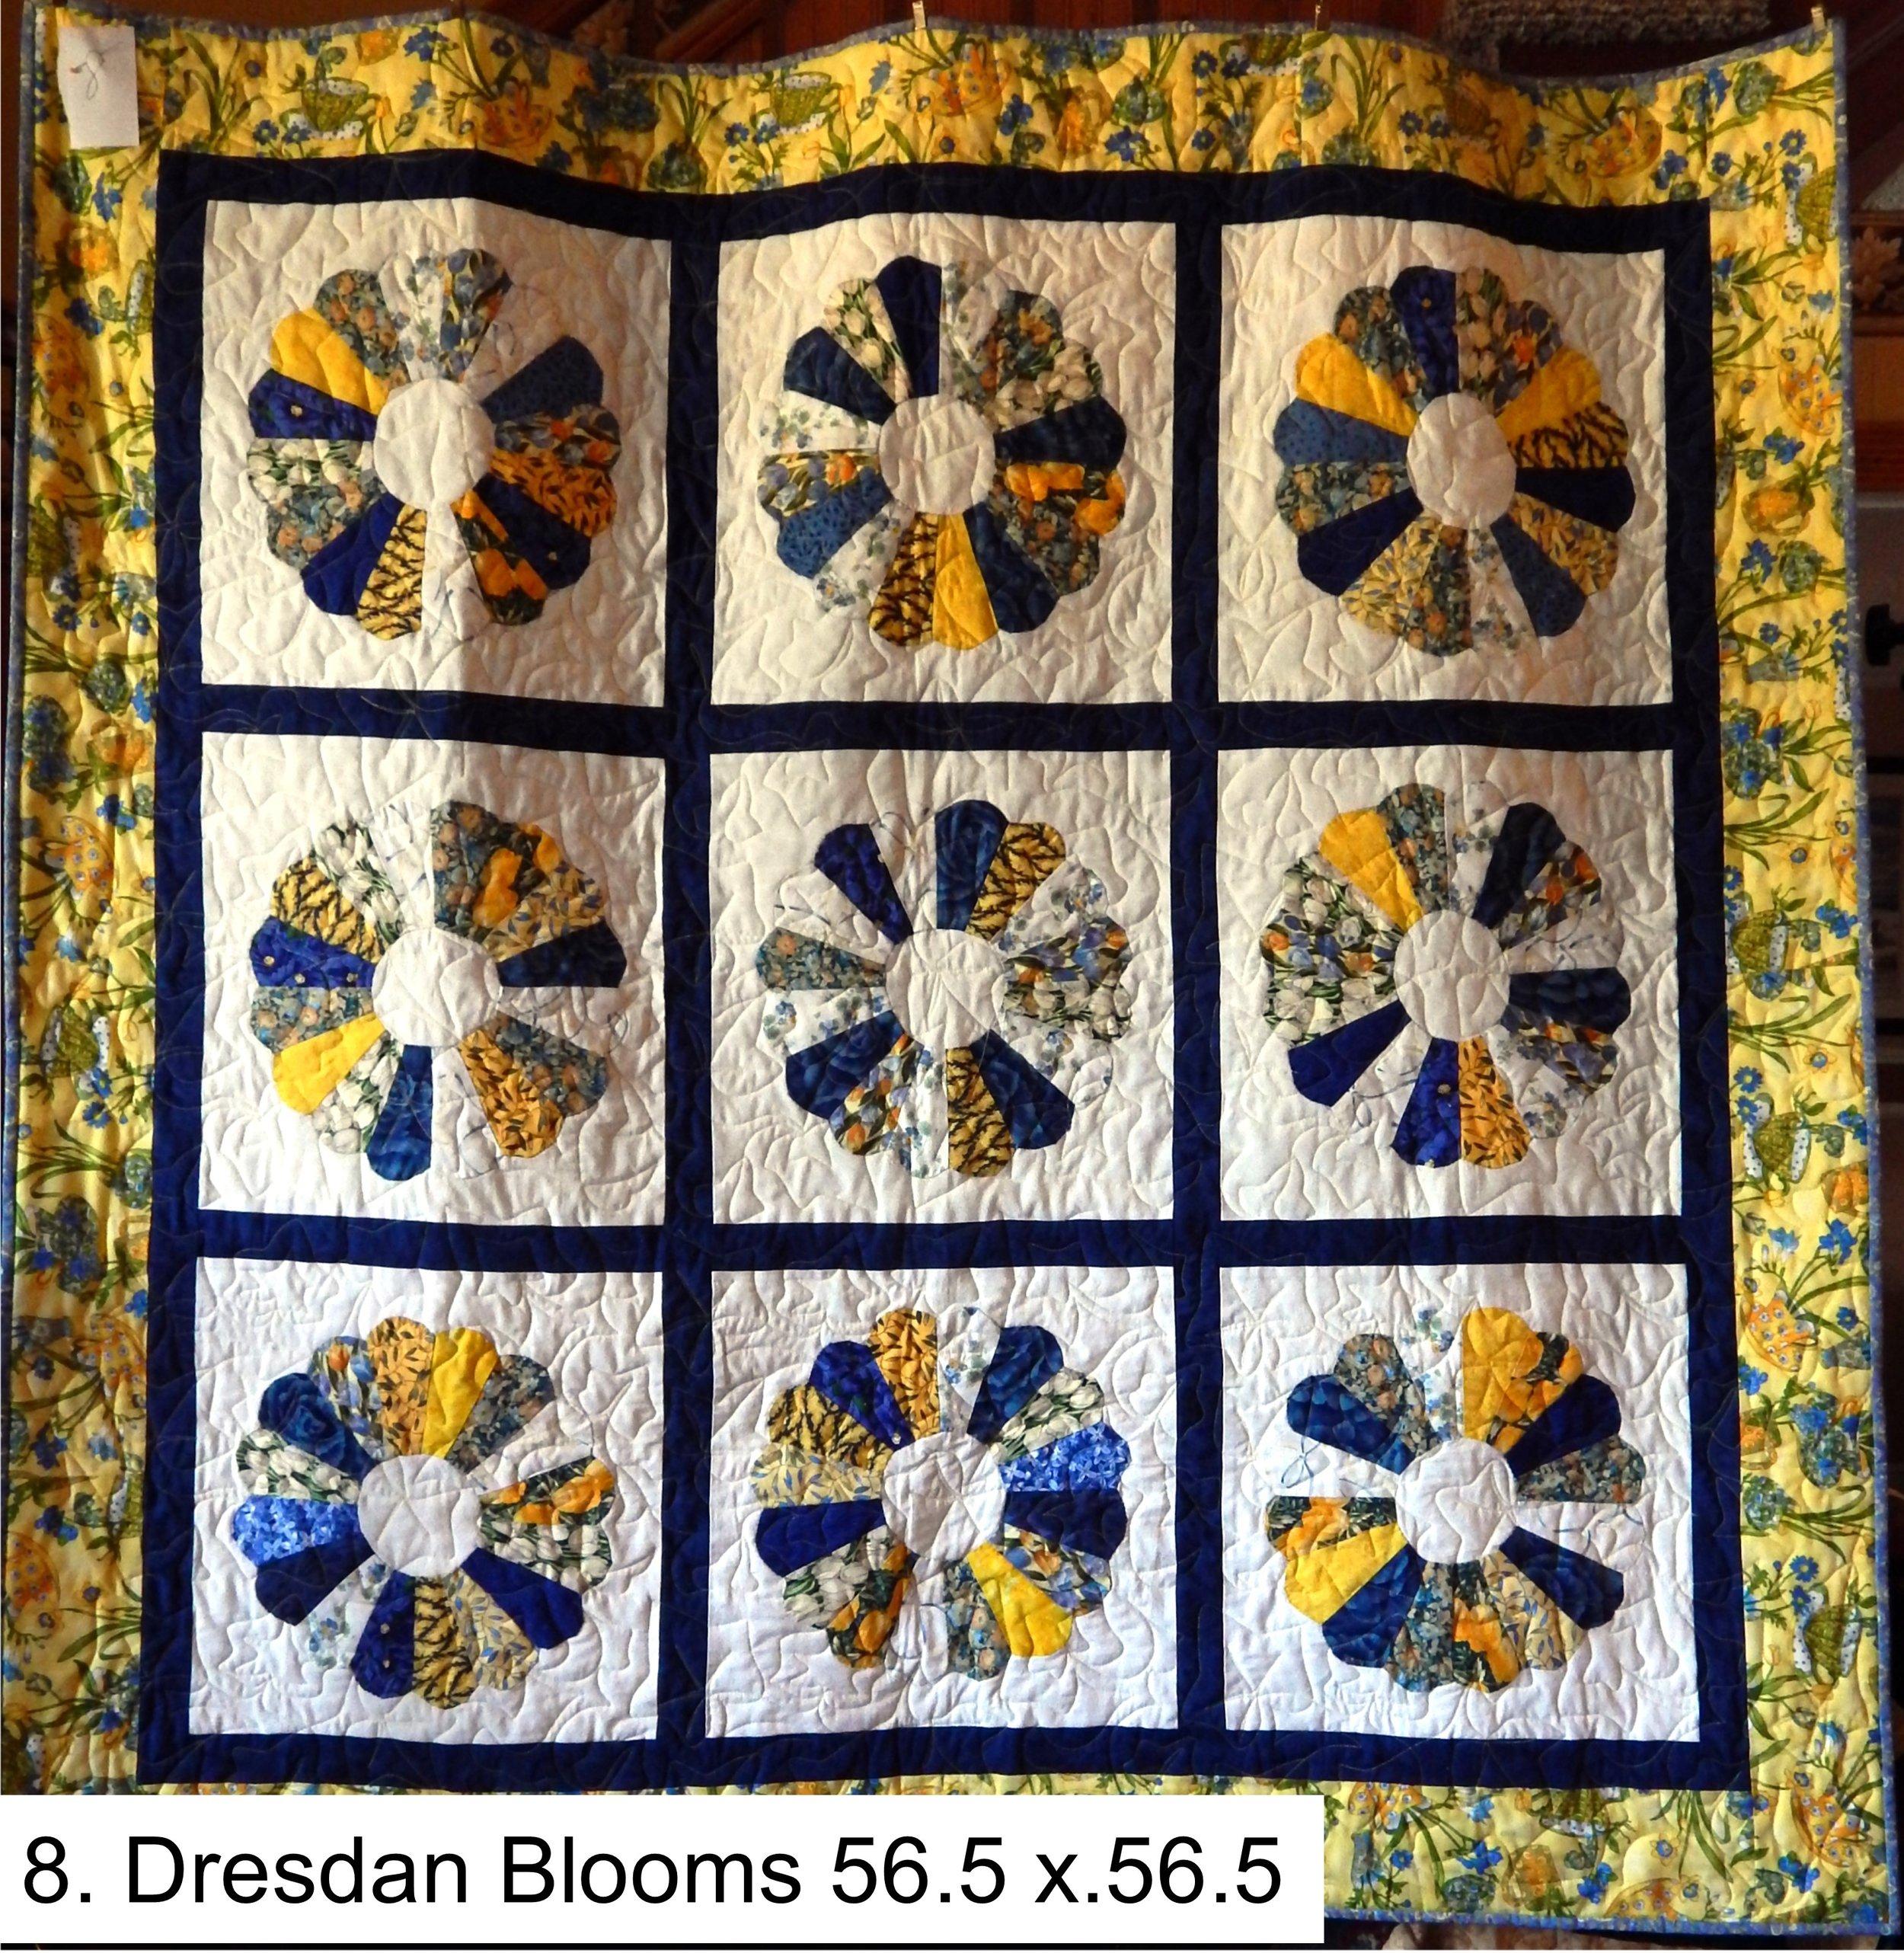 8. Dresdan Blooms 56.5 x 56.5.JPG